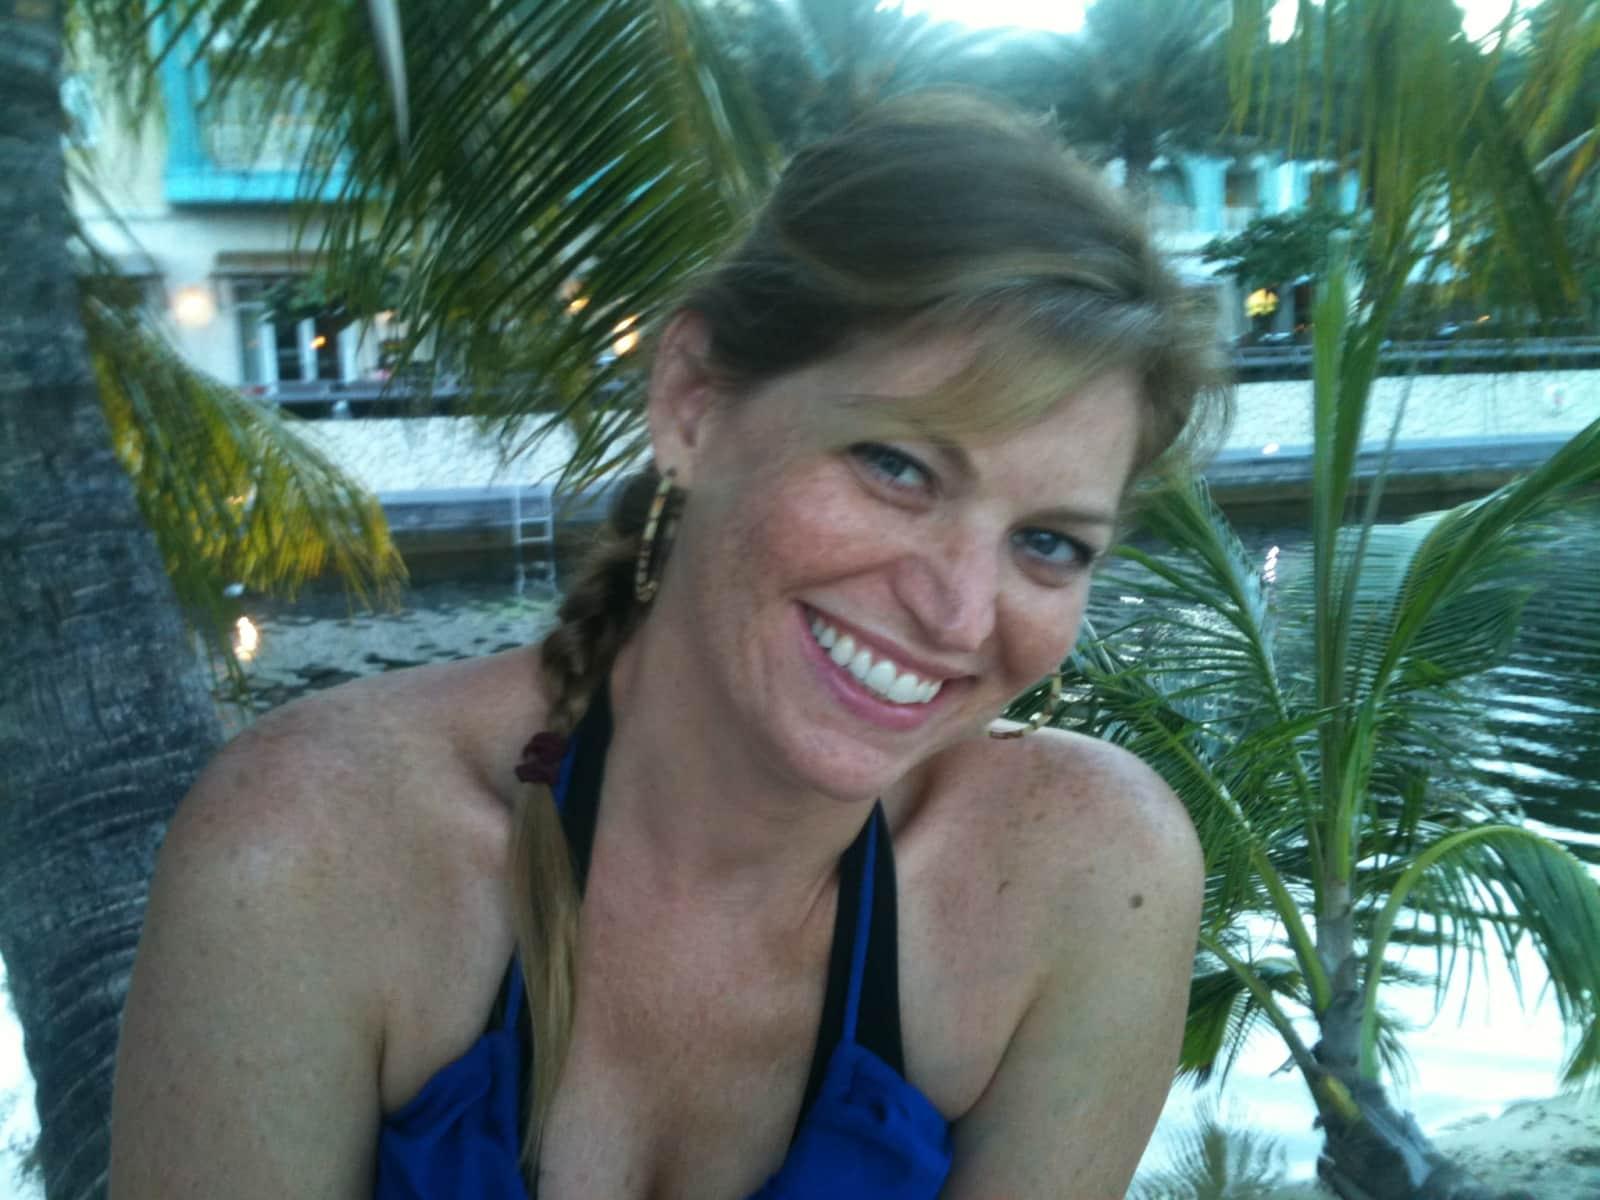 Elizabeth from Dallas, Texas, United States